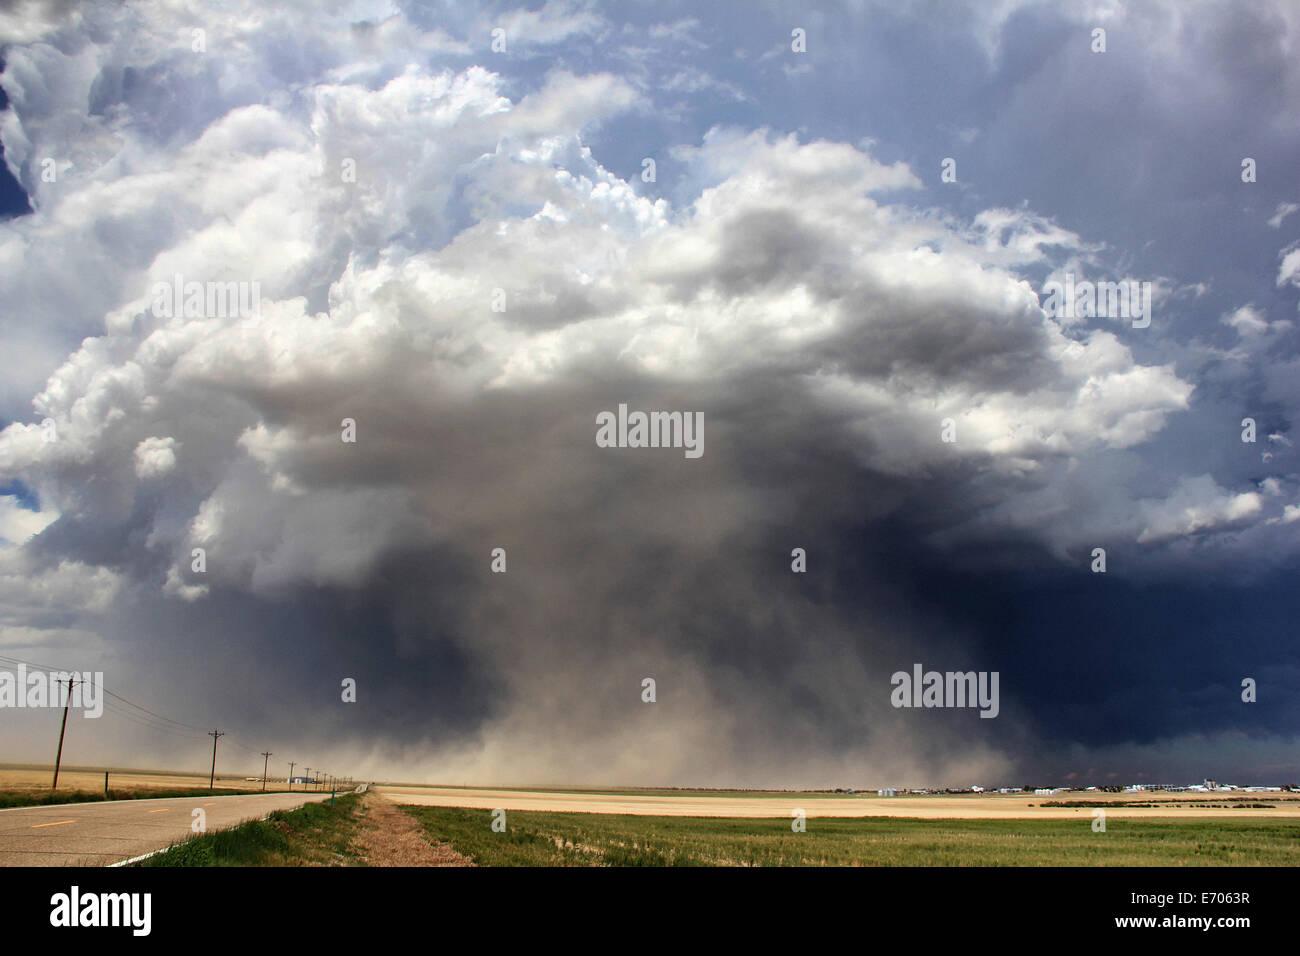 Una masiva supercell aspira el polvo hacia la corriente ascendente que conduce a una violenta tormenta de polvo, Imagen De Stock